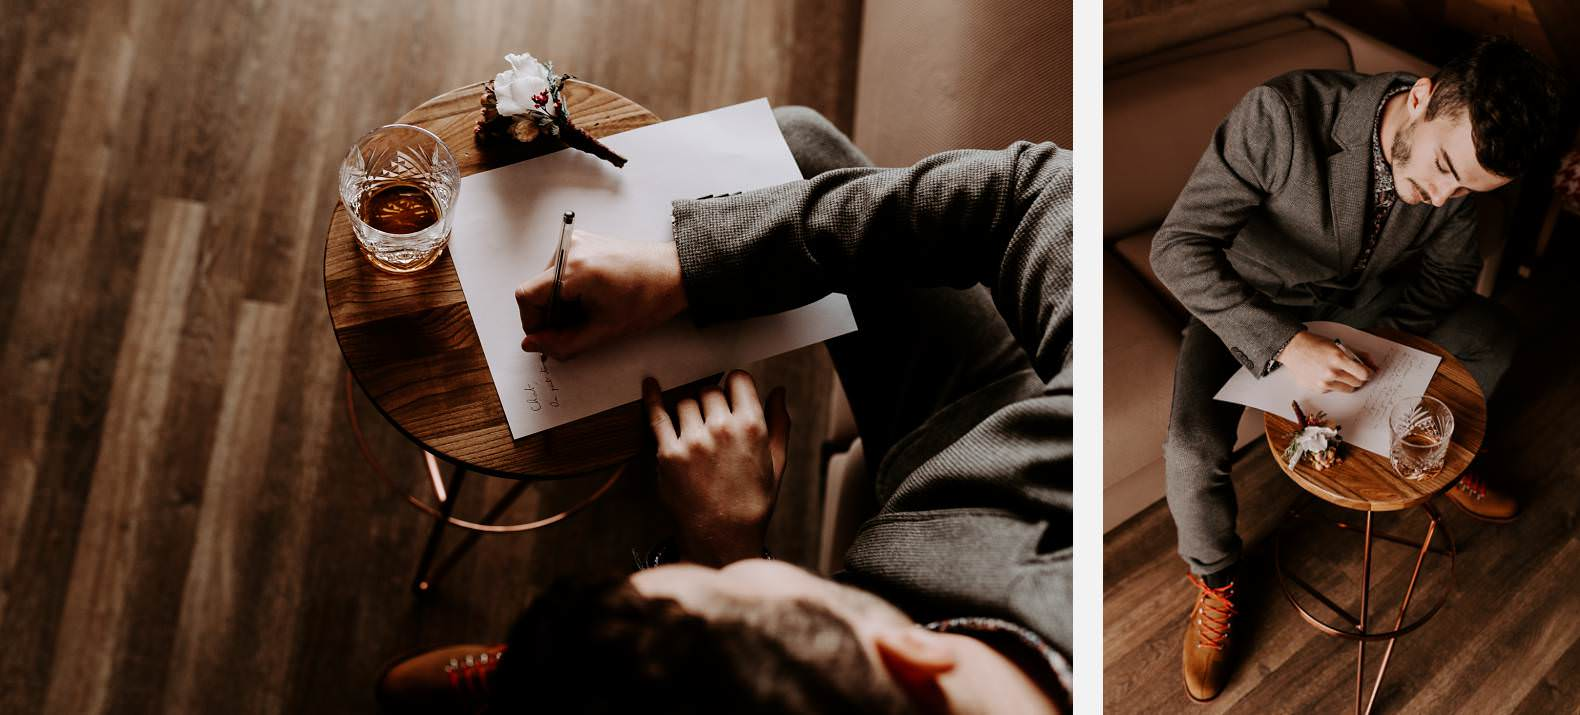 mariage hiver alpes huez isere hotel grandes rousses photographe bel esprit 0006